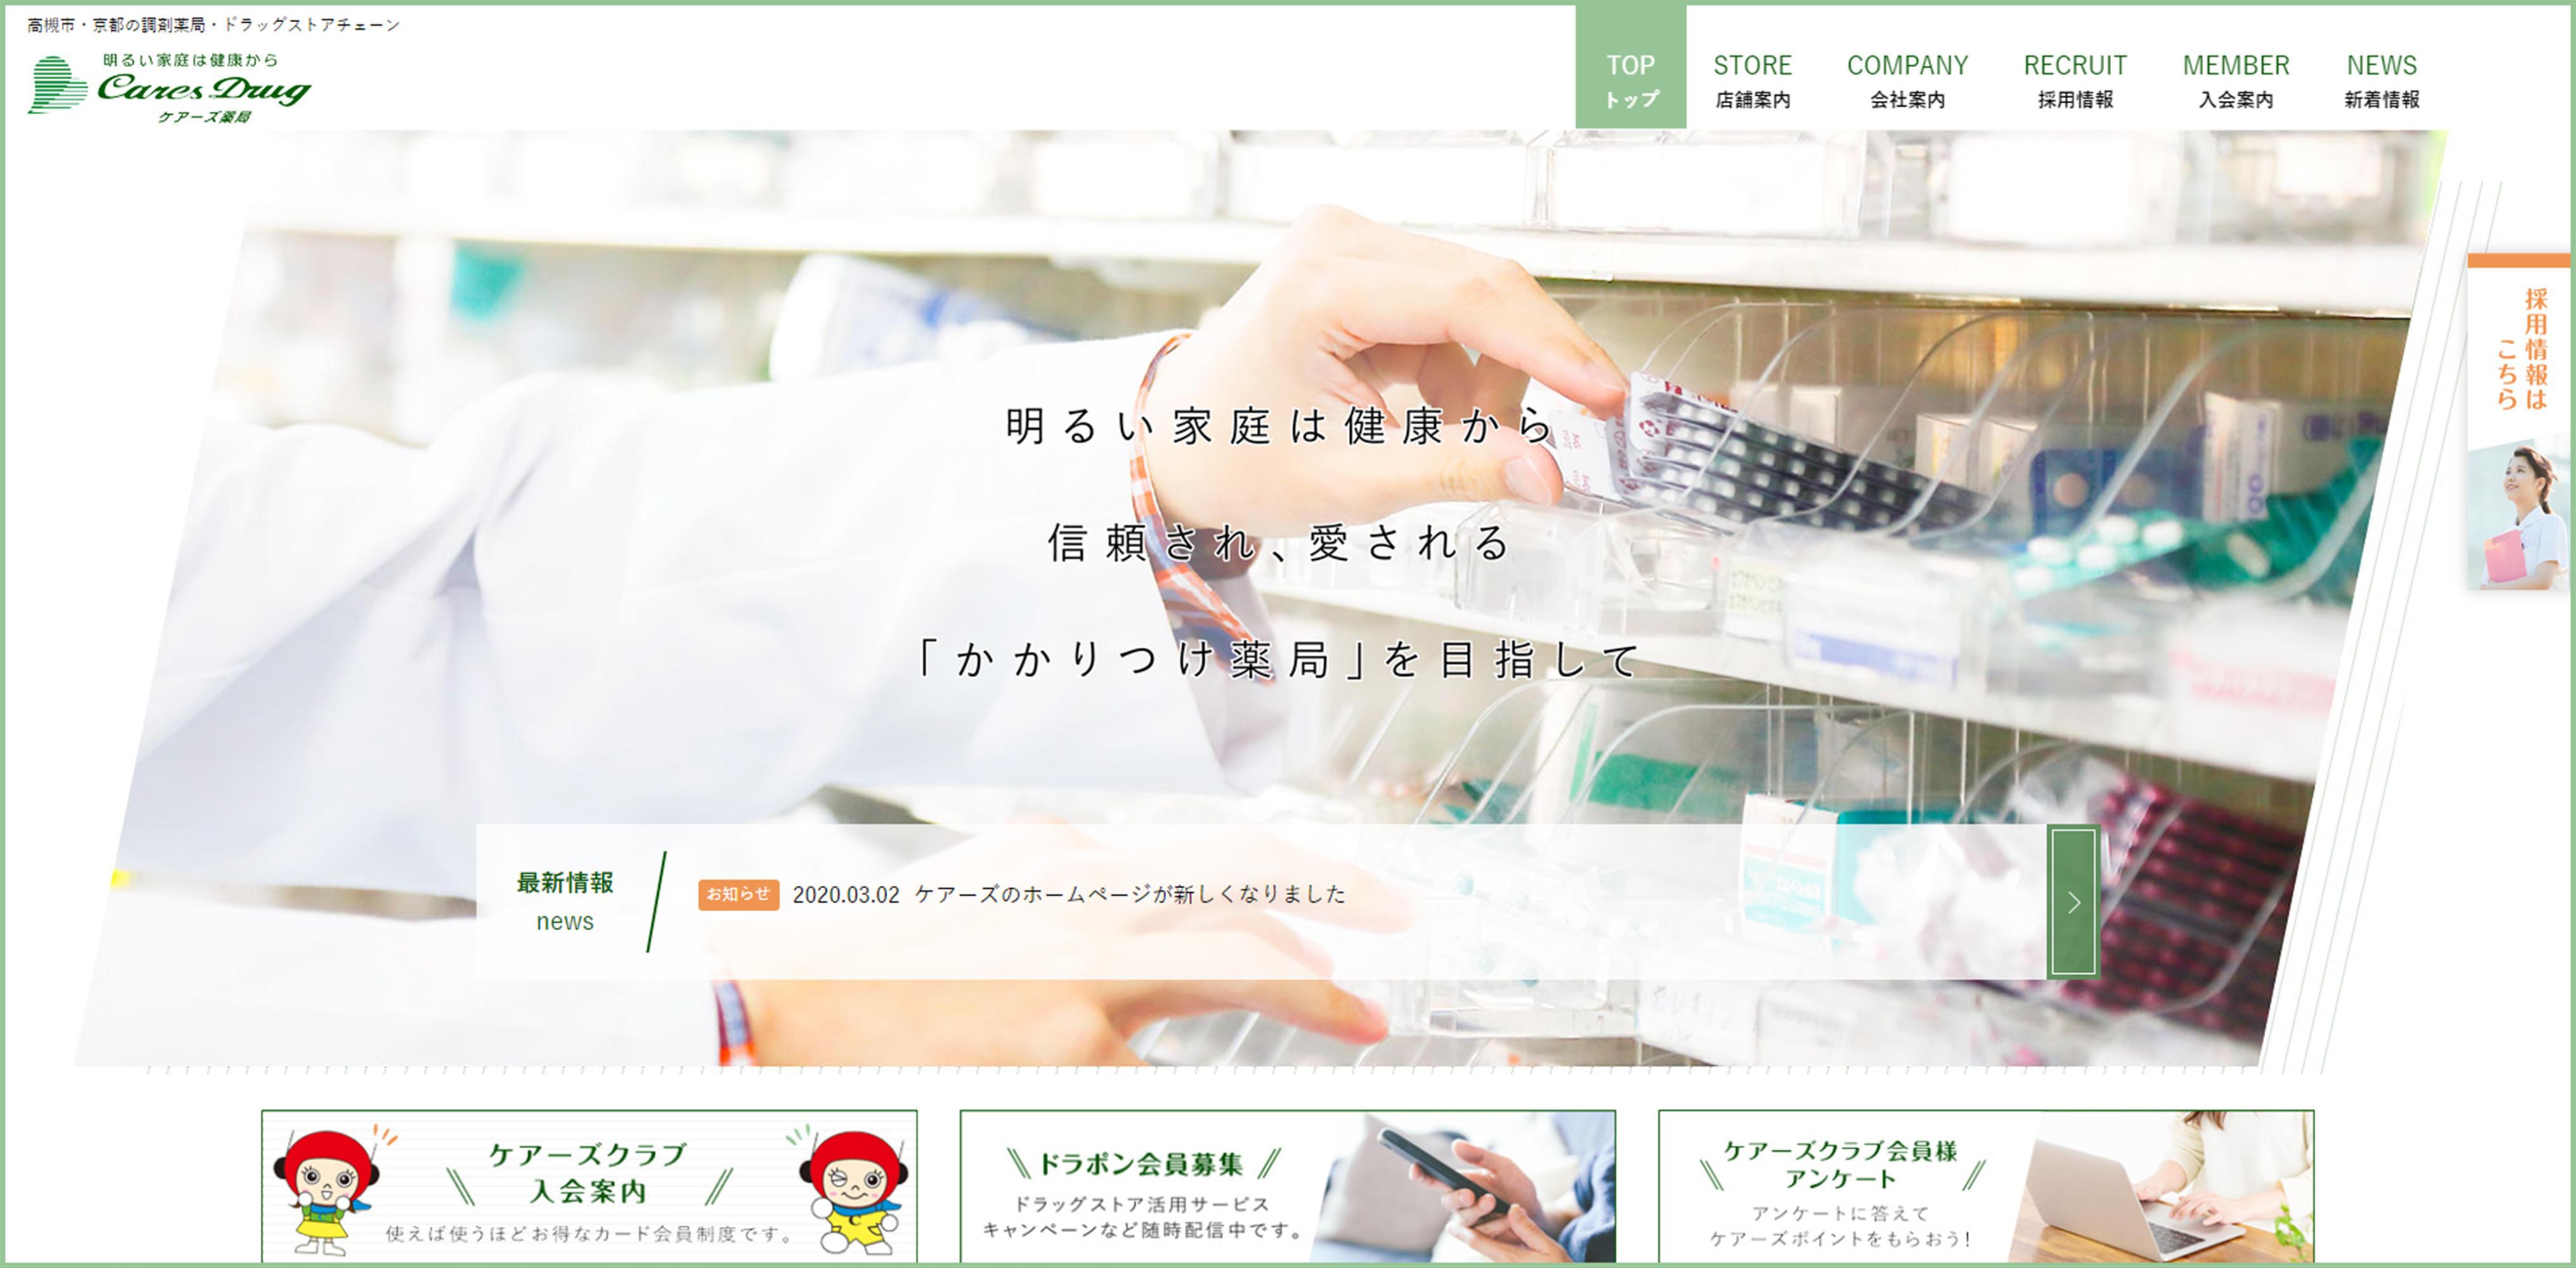 株式会社ケアーズパソコン版